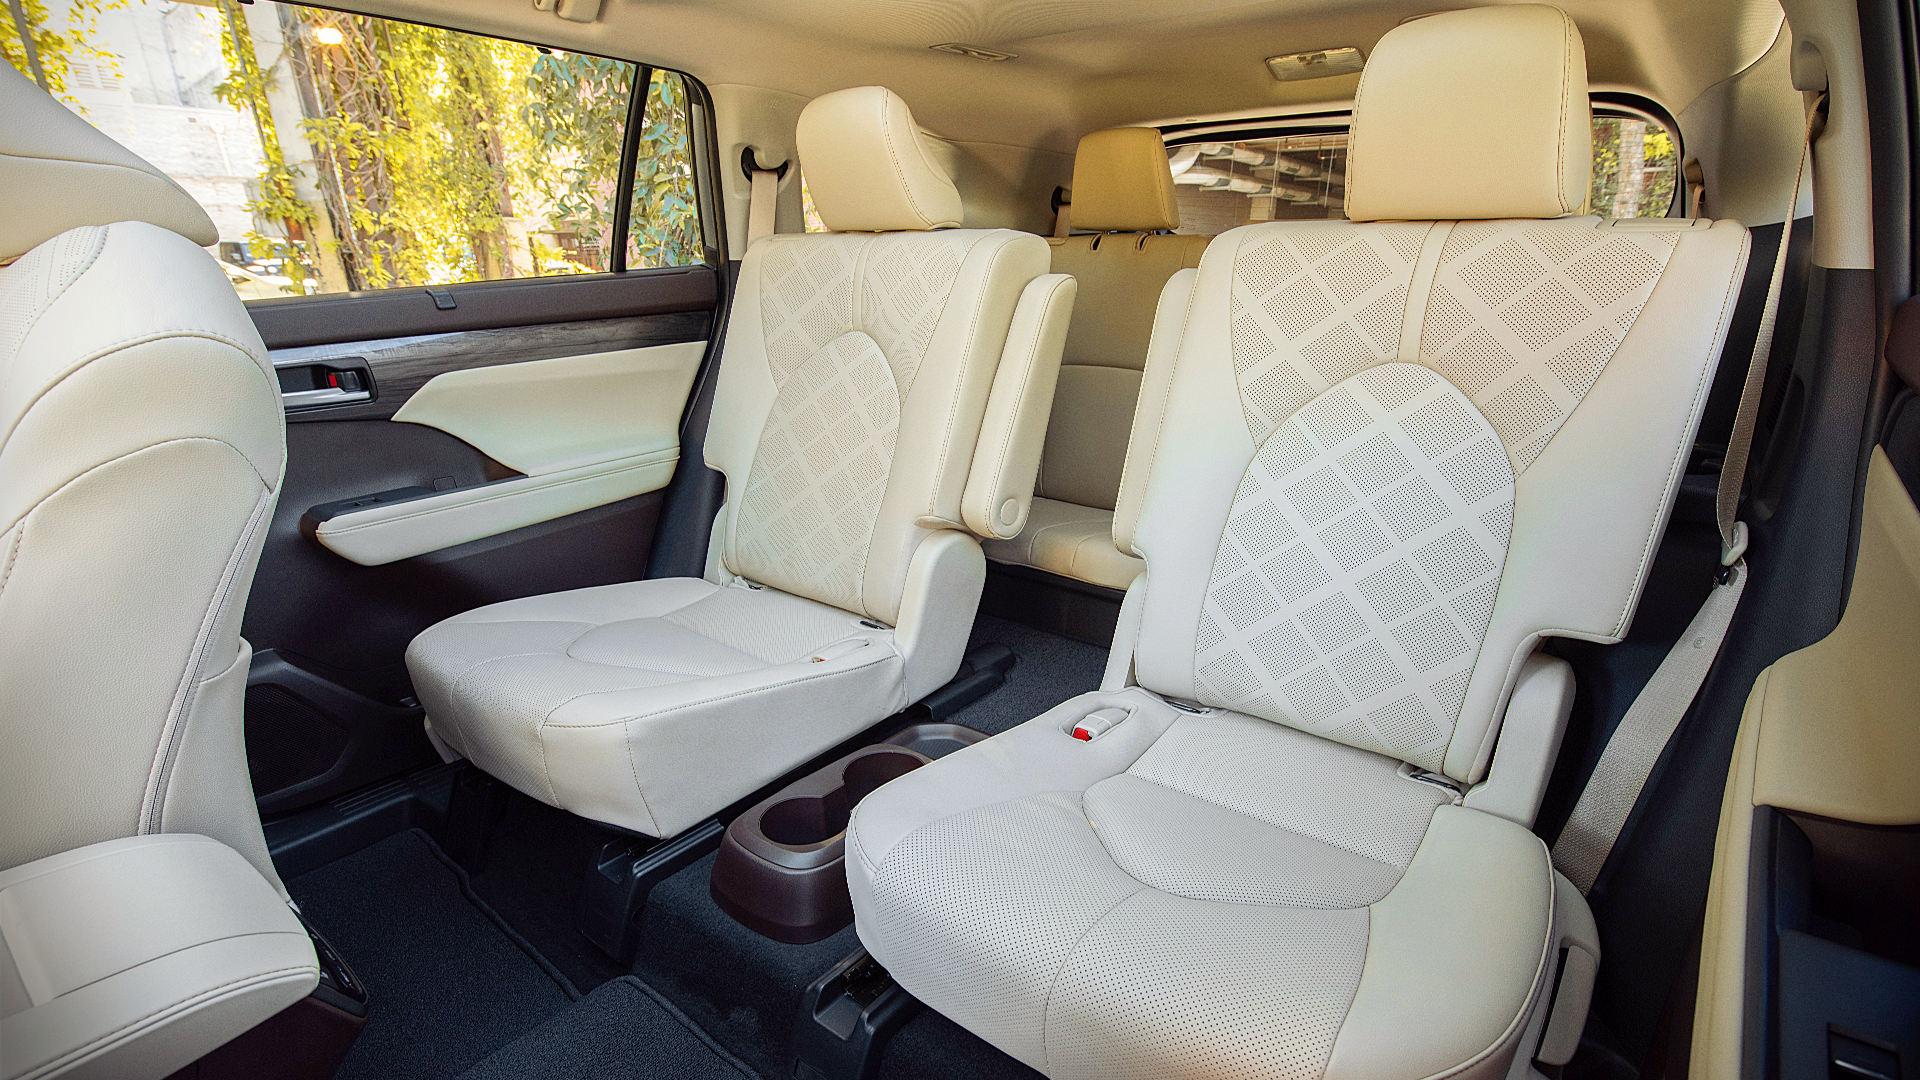 2020 Toyota Highlander Inside Interior